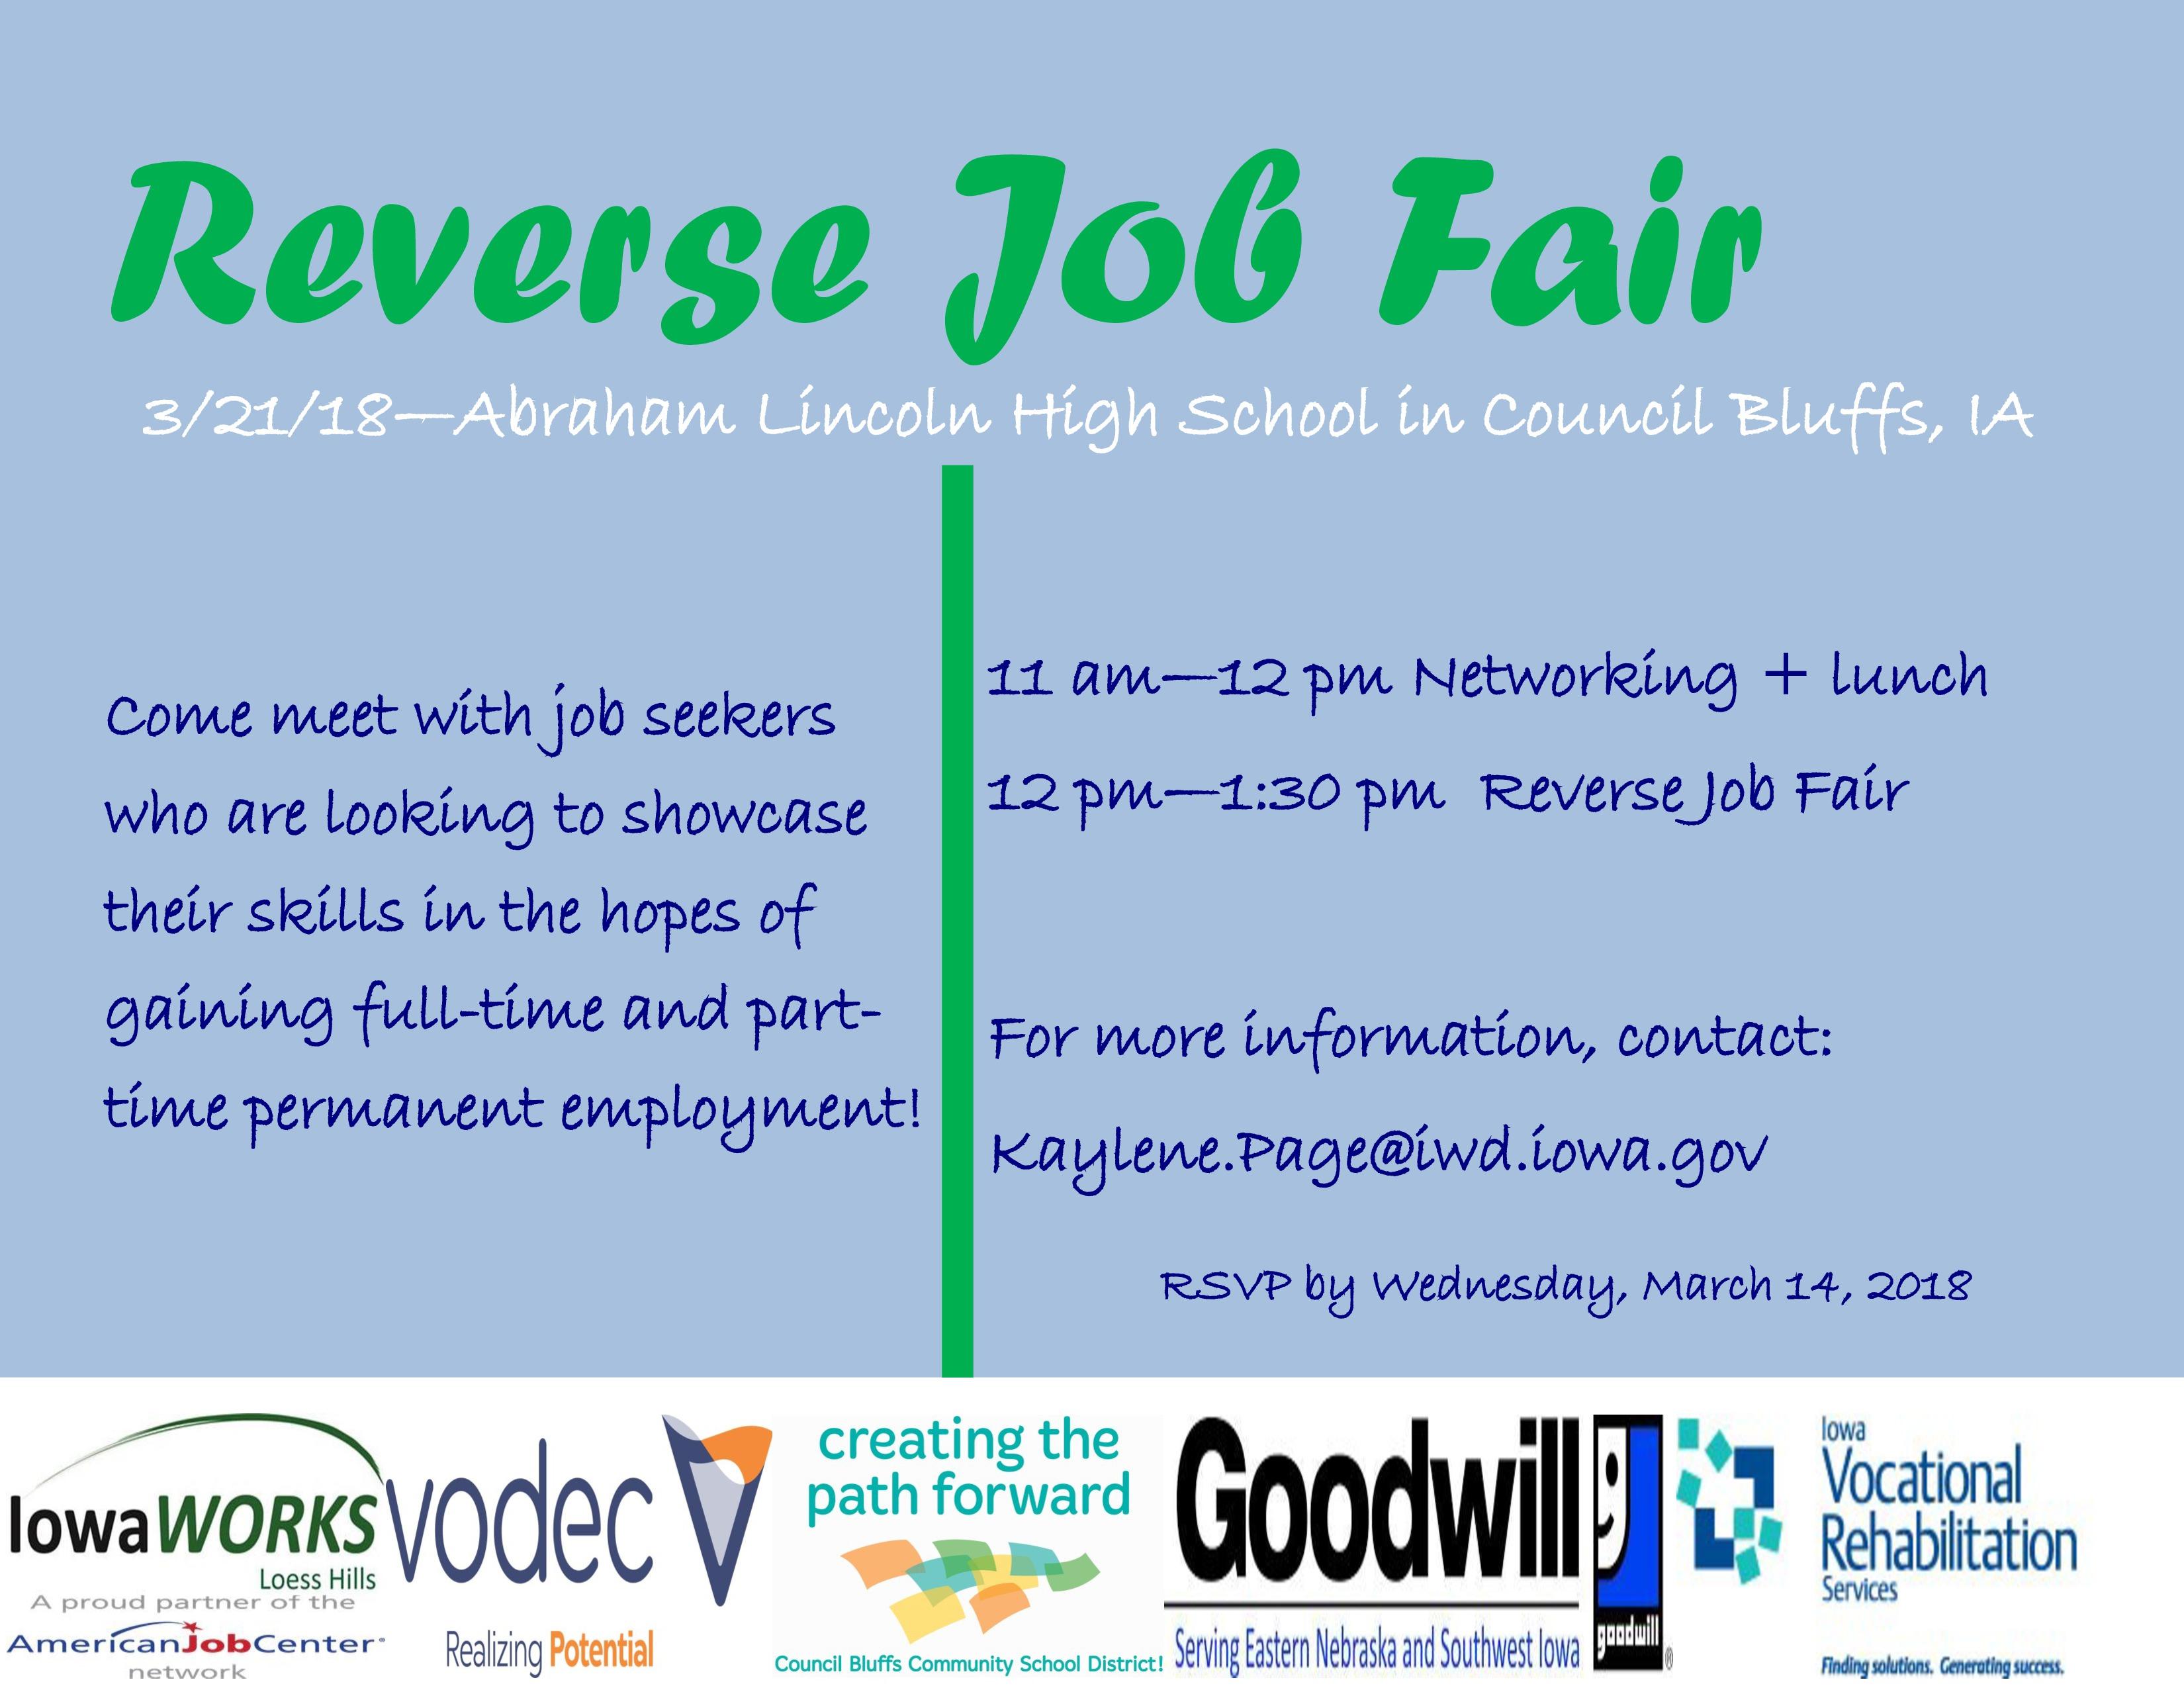 Reverse Job Fair - Council Bluffs